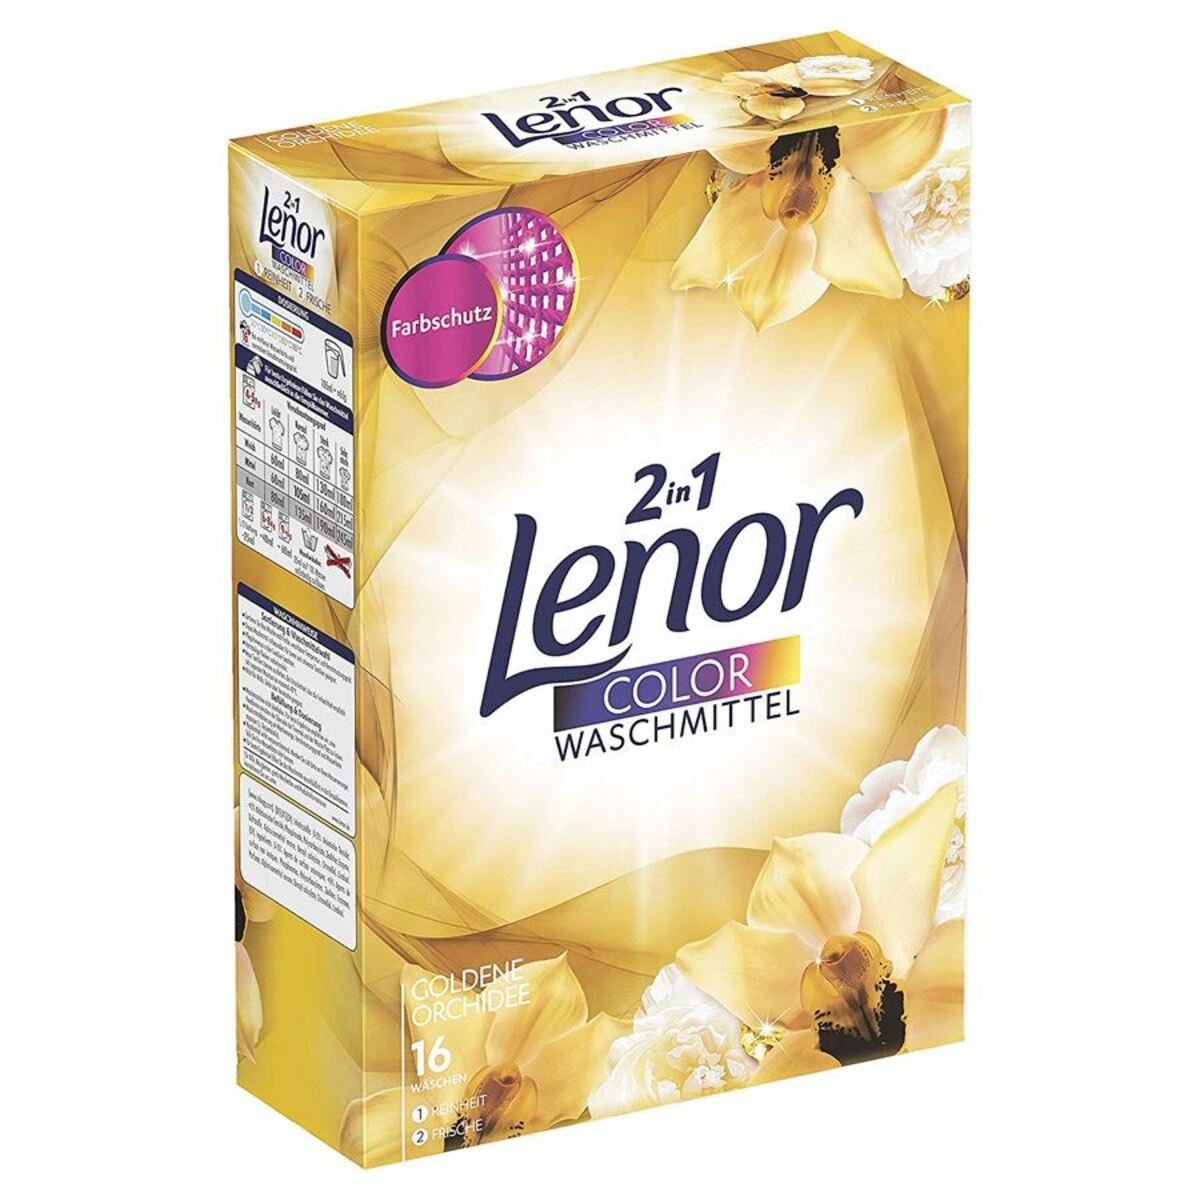 Bild 1 von Lenor 2in1 Color Waschpulver Goldene Orchidee 1040g